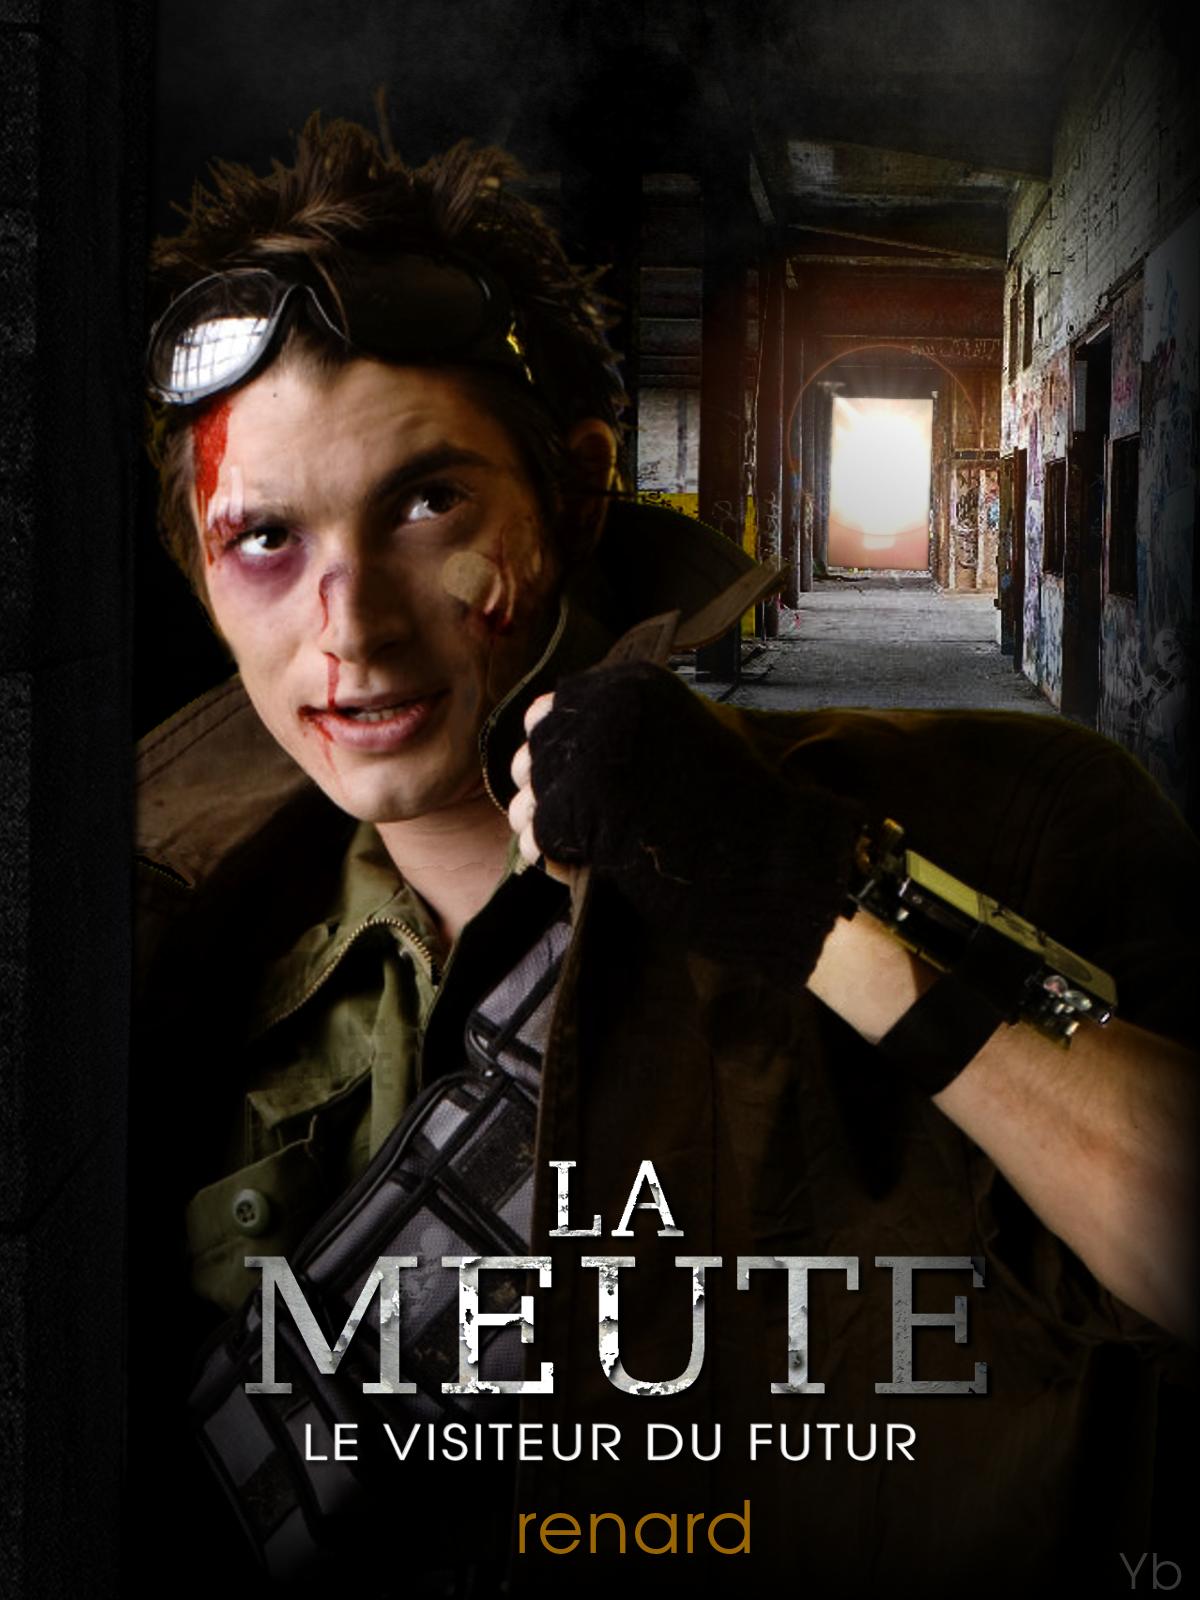 La Gazette de Néo-Versailles : Concours de Fan-art La Meute  (N°9 - Février 2015) 03_Renard02